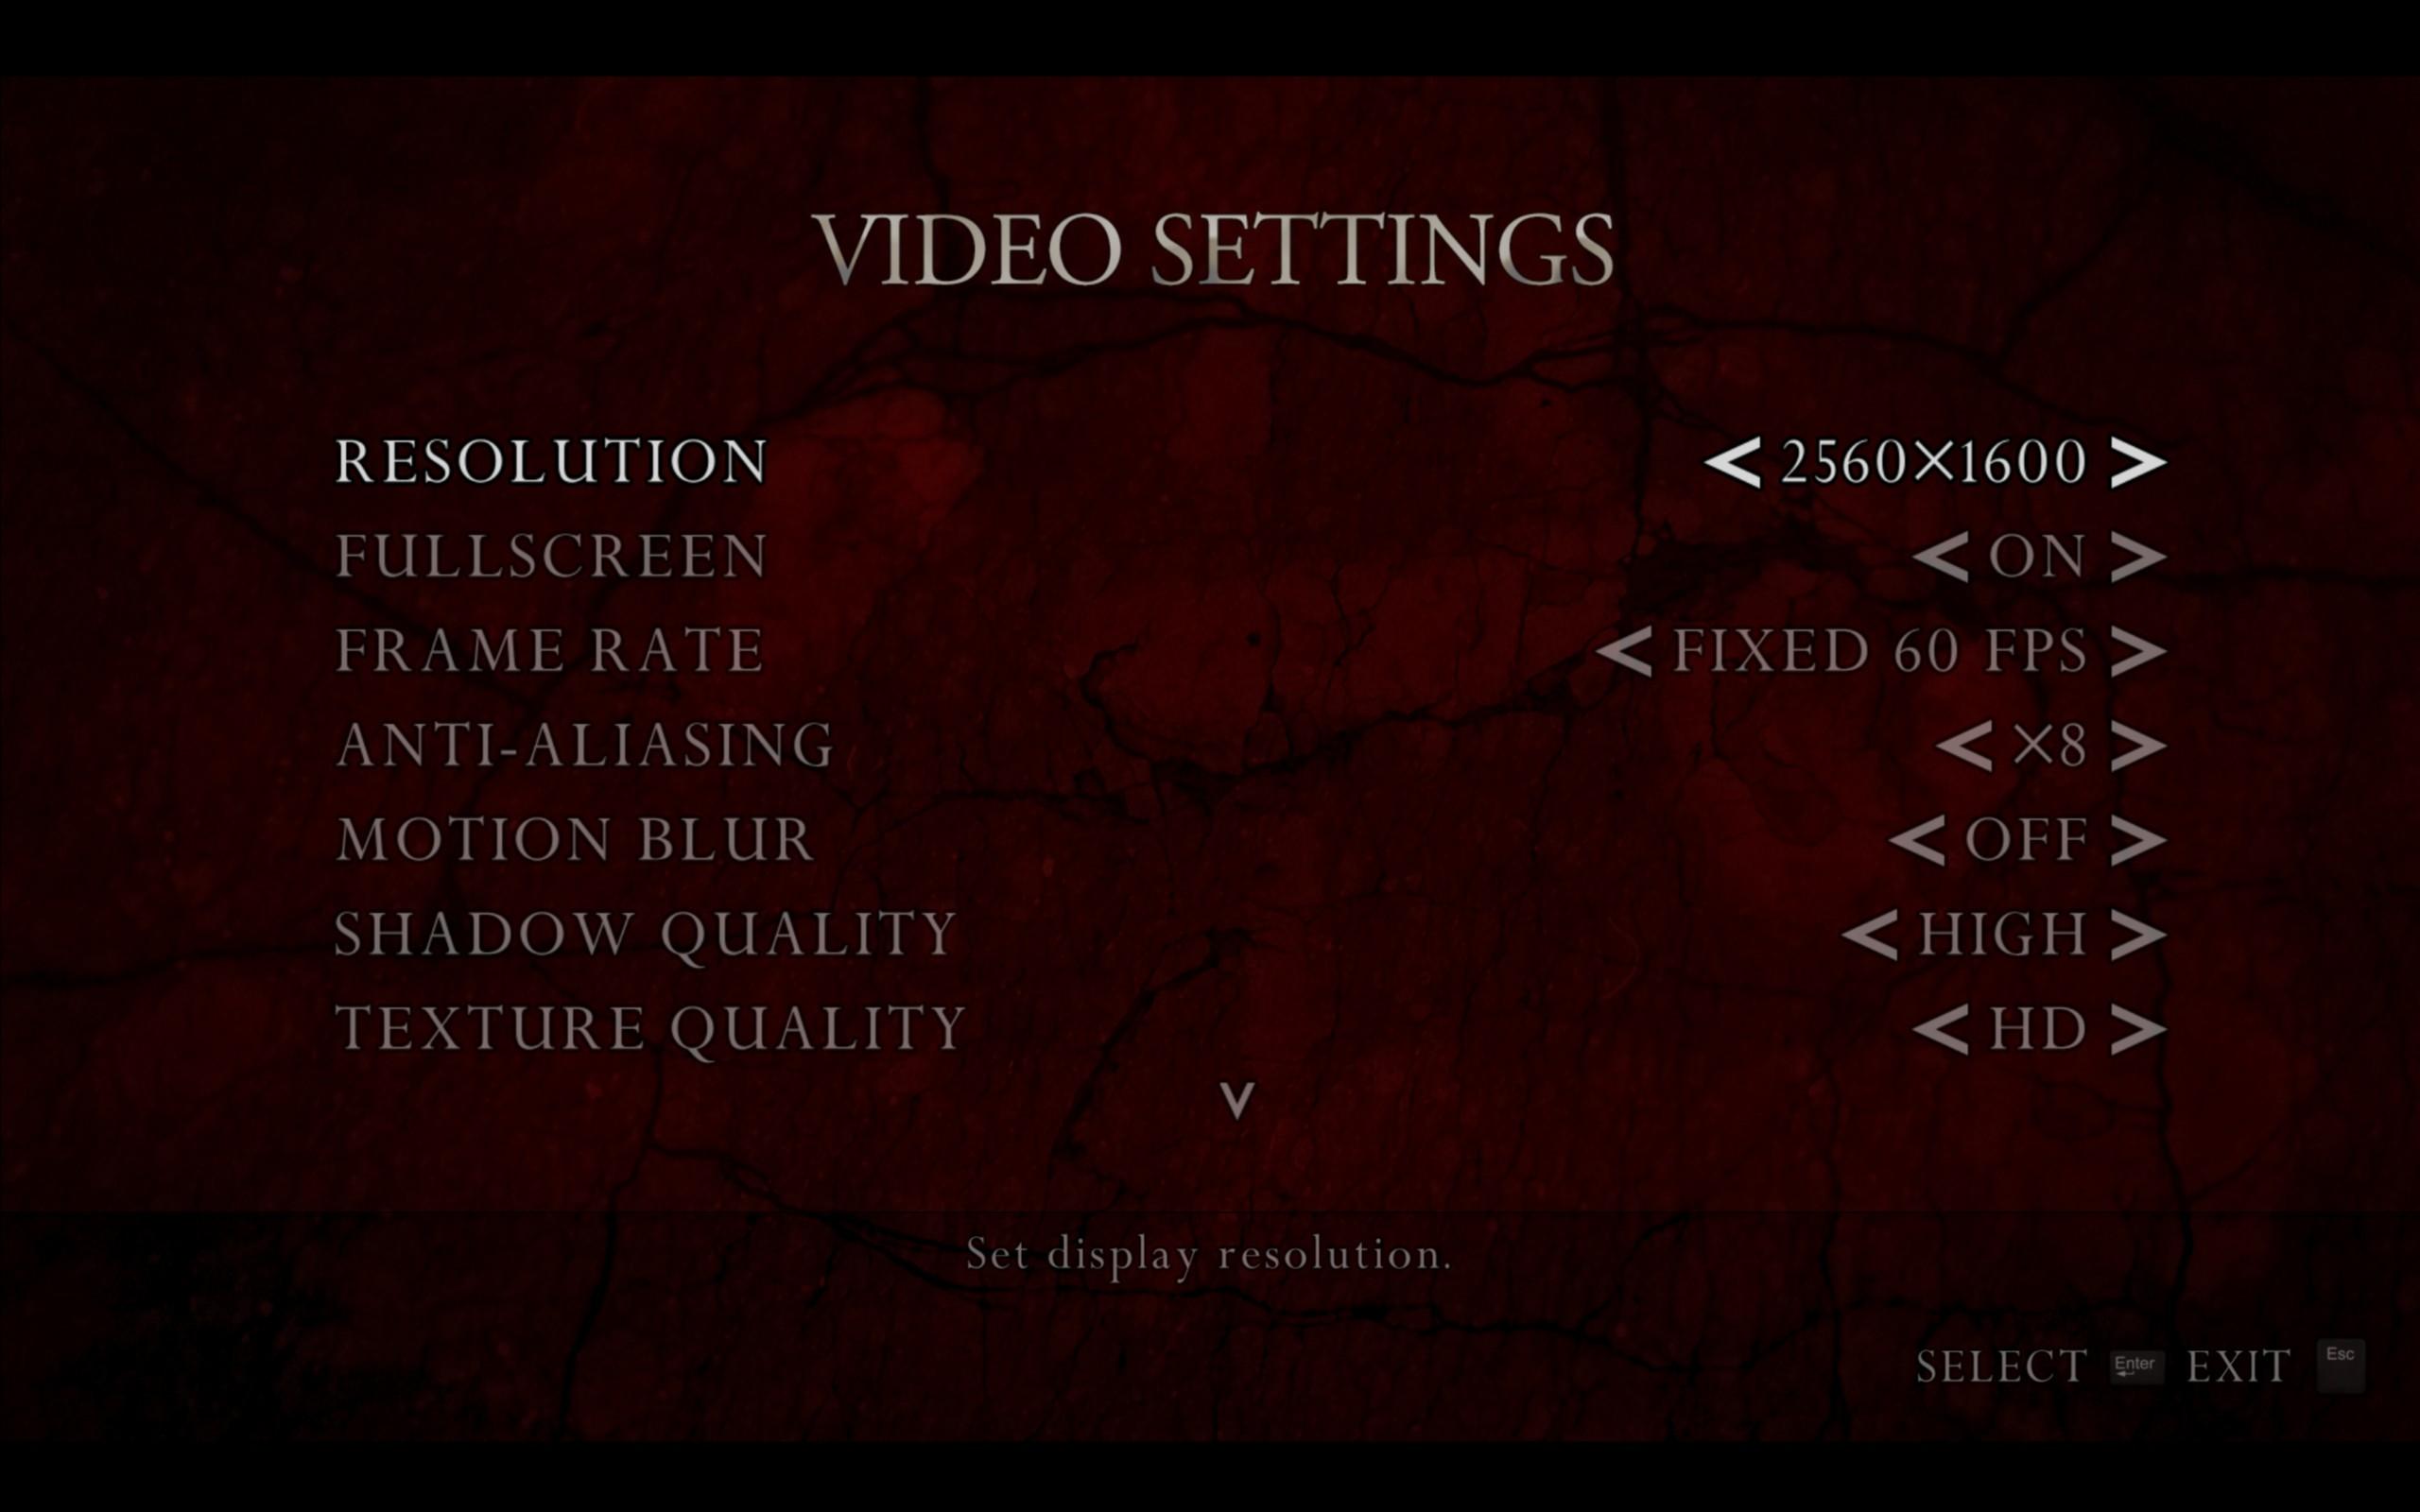 Porovnáváme HD a SD textury Resident Evil 4 92597